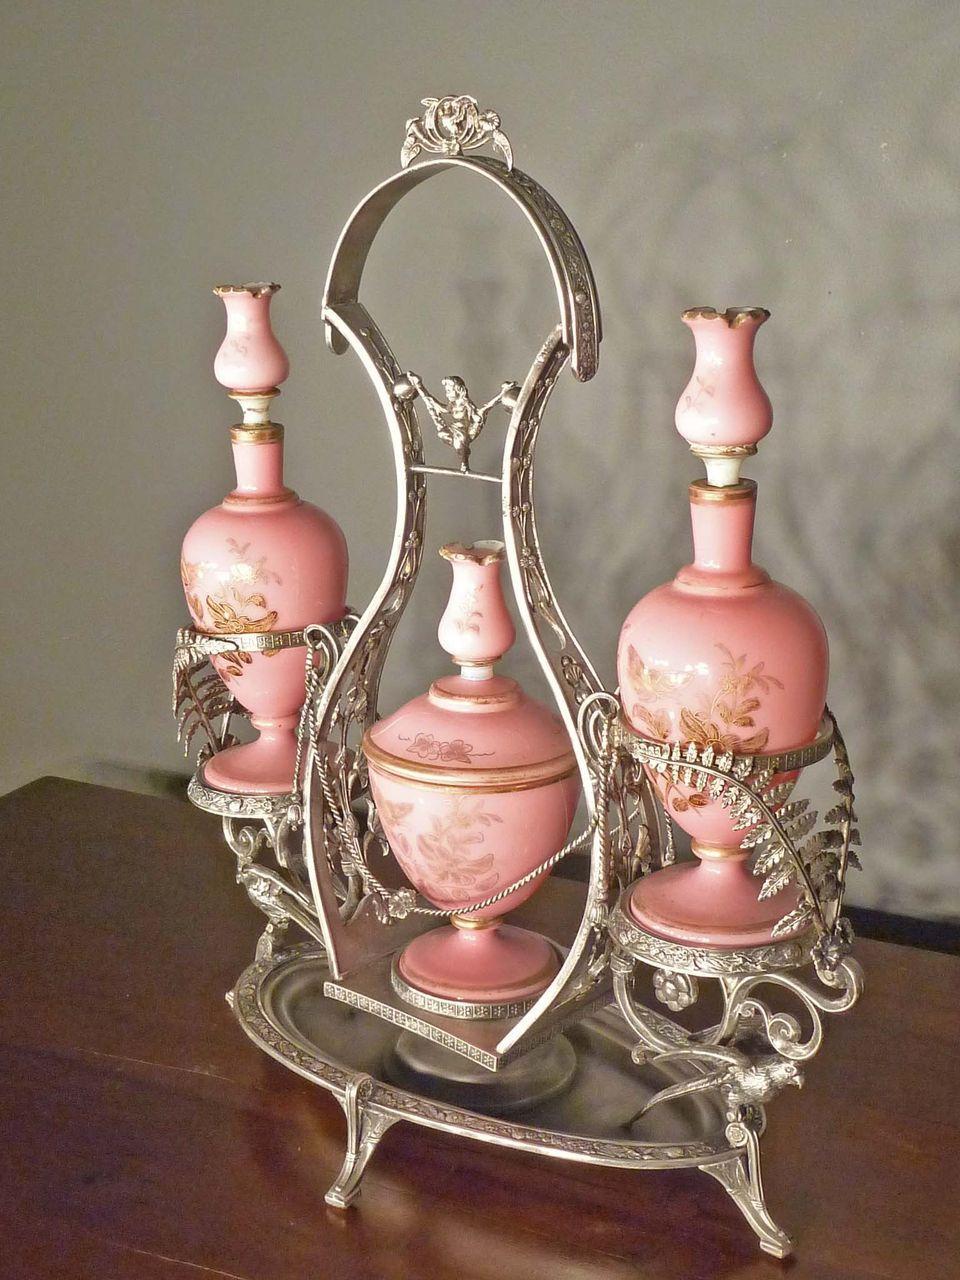 ägyptisches badezimmerdekor victorian dresser set  vanity set  pinterest  dekorative flaschen